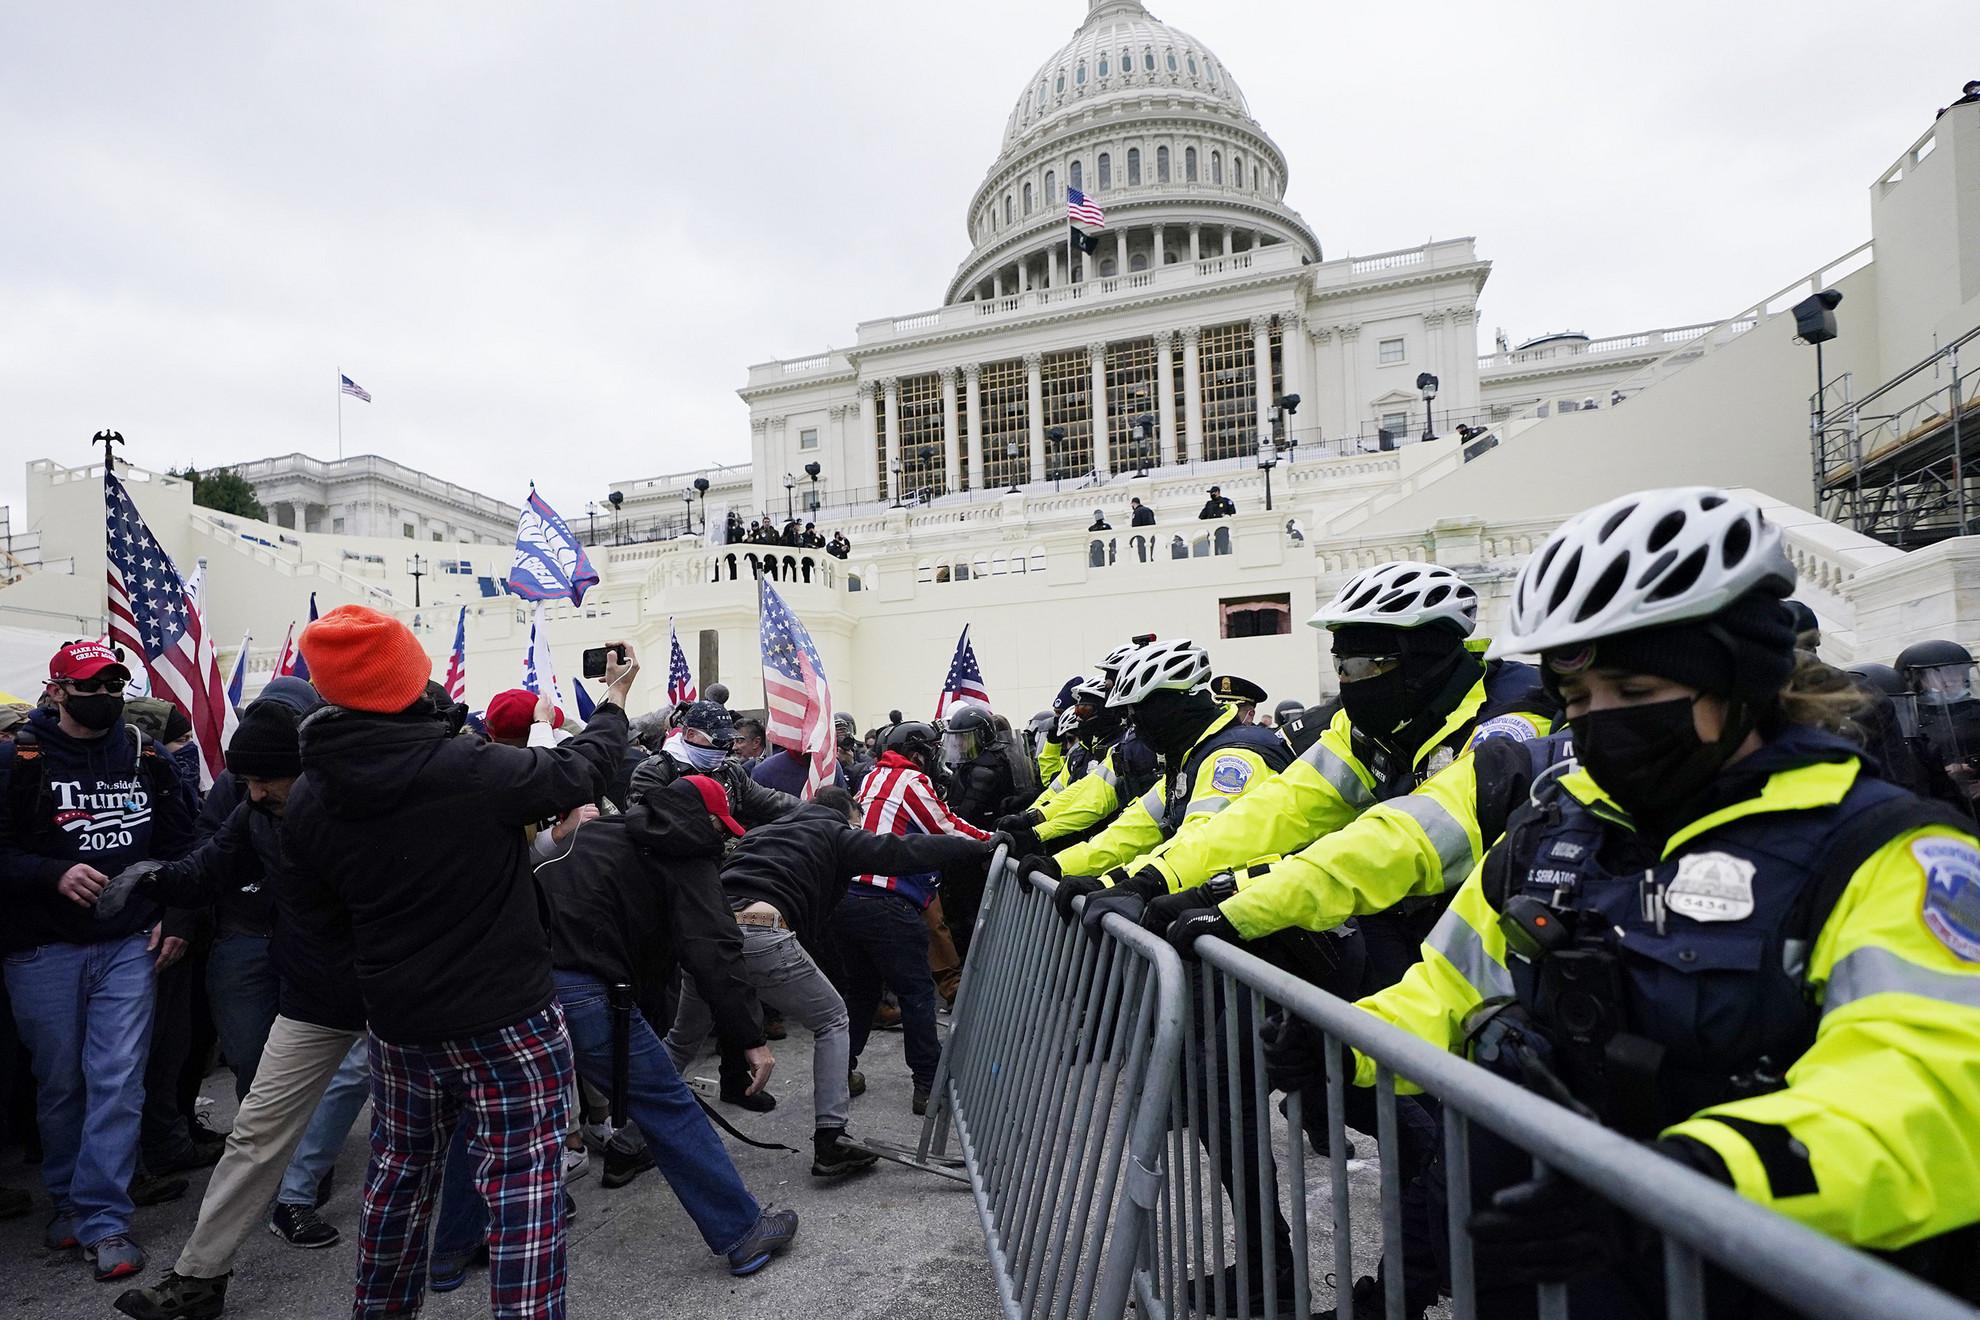 Lezárták a washingtoni Capitoliumot, mert Trump-párti tüntetők ostromolták meg az amerikai törvényhozás épületét